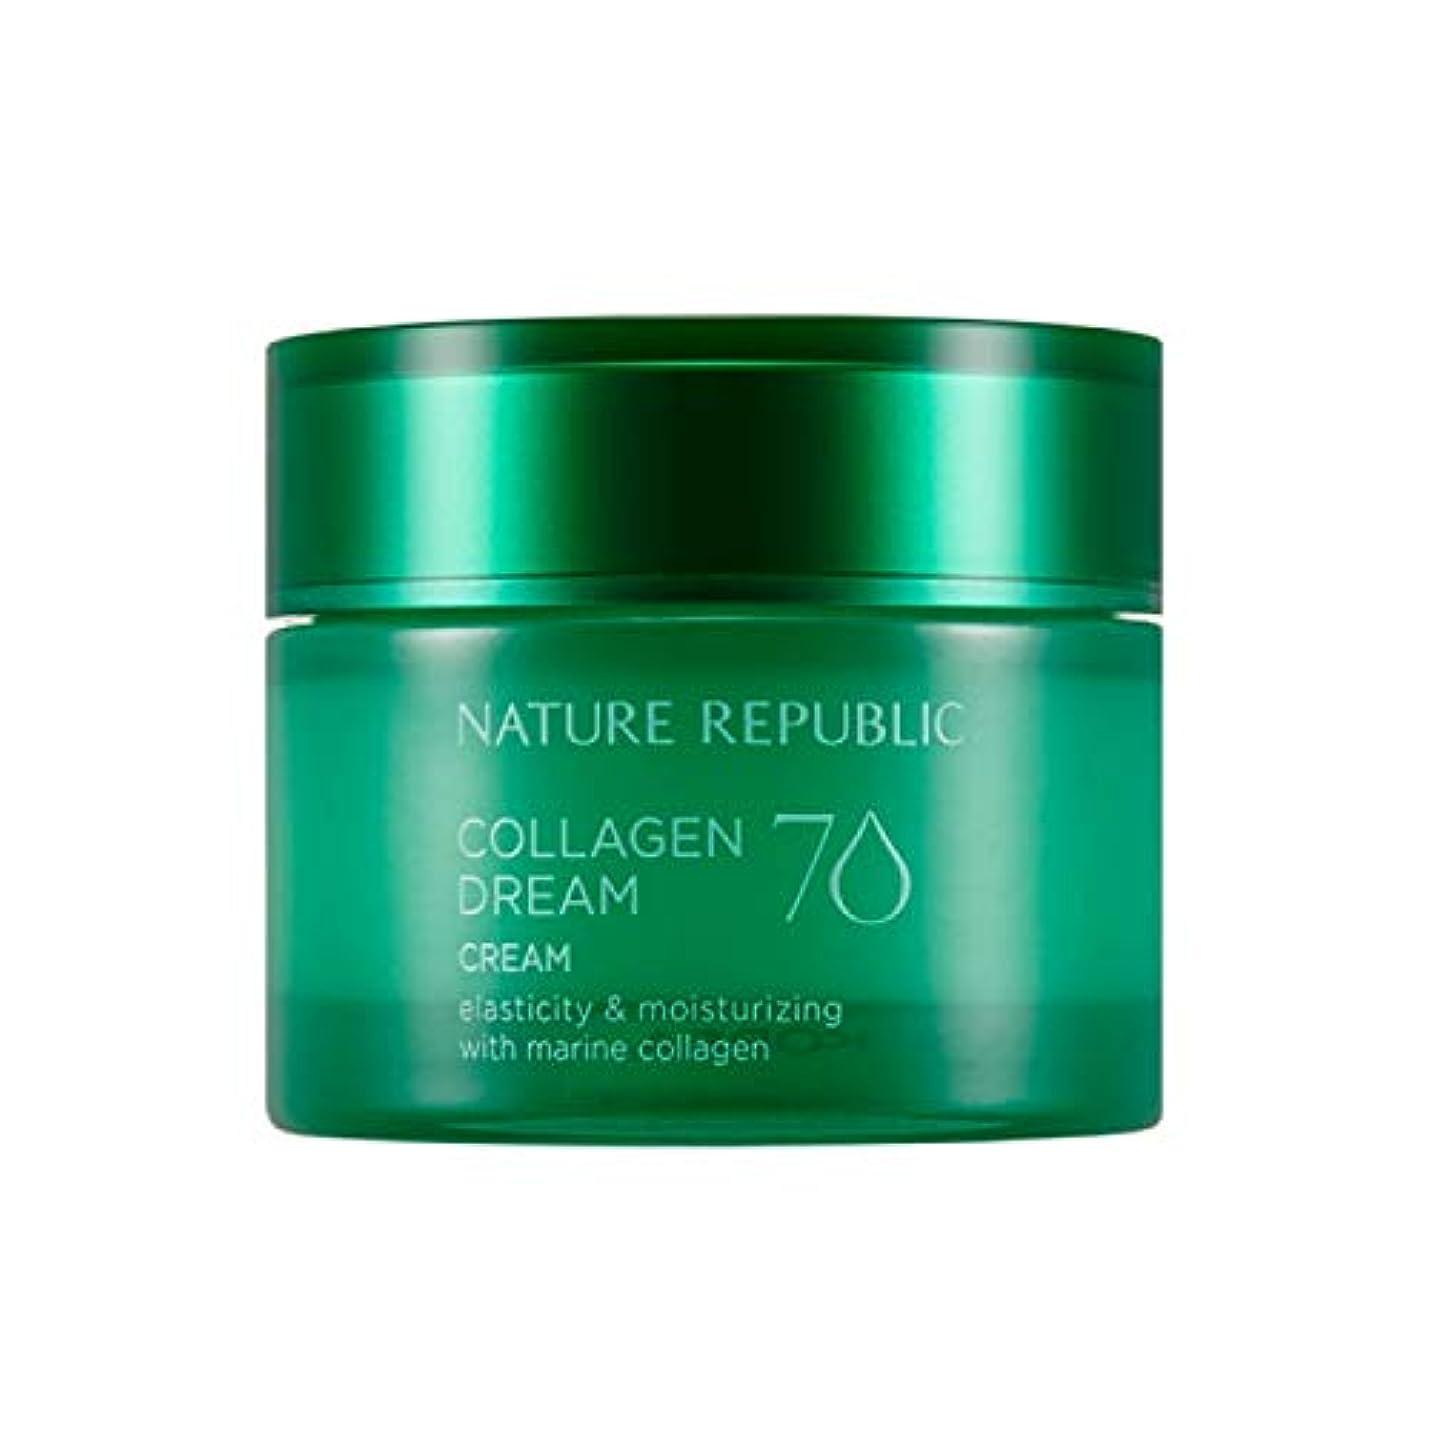 円周中絶重要性ネイチャーリパブリック(Nature Republic)コラーゲンドリーム70クリーム 50ml / Collagen Dream 70 Cream 50ml :: 韓国コスメ [並行輸入品]